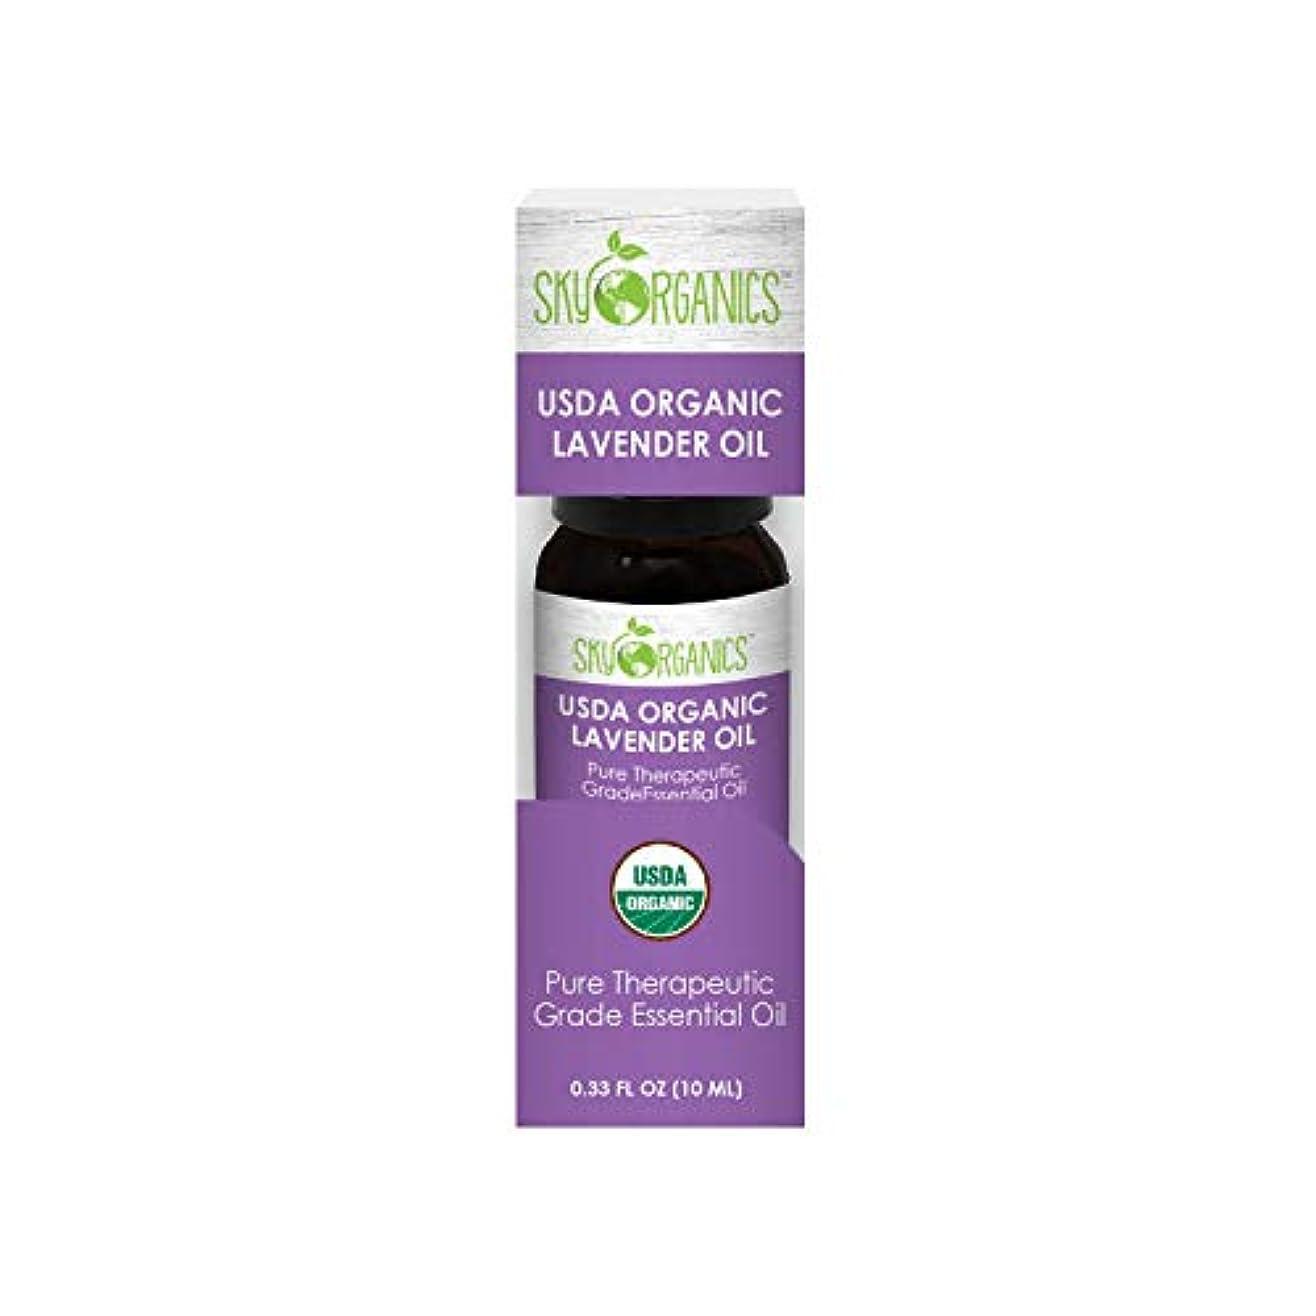 セットするいっぱい侵略認定エッセンシャルオイル Lavender Oil Sky Organics USDAオーガニックラベンダーオイル-10 ml-ピュアセラピューティックグレードのエッセンシャルオイル-ディフューザー、アロマセラピー、マッサージオイル、DIY